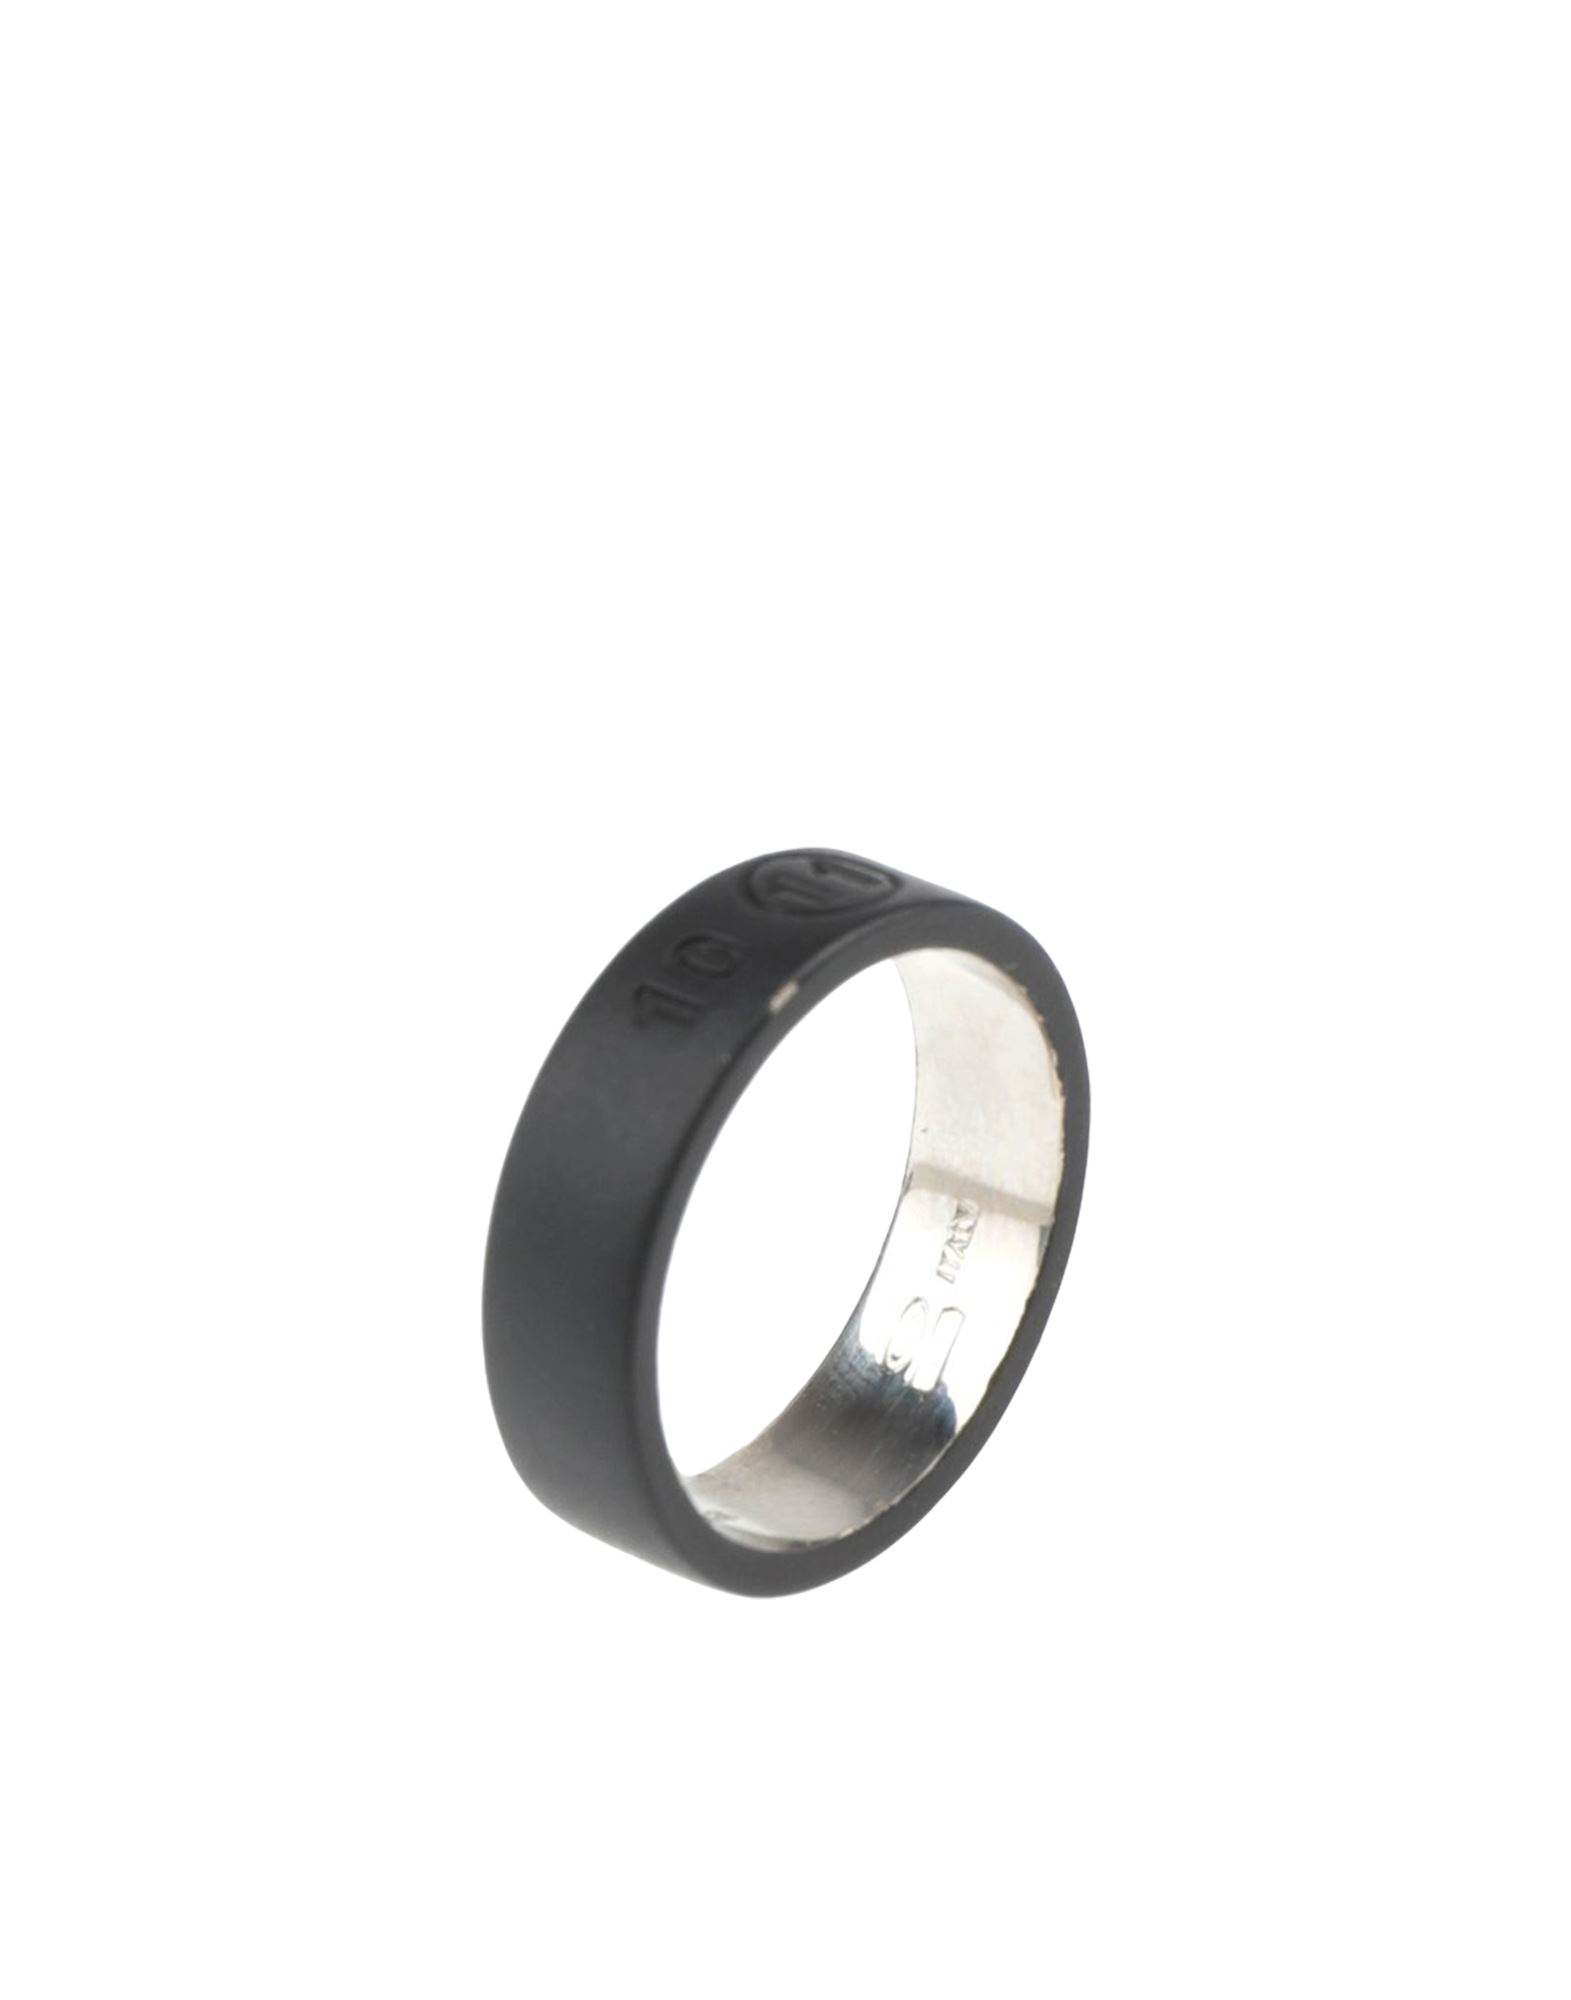 《セール開催中》MAISON MARGIELA メンズ 指輪 ブラック S シルバー925/1000 100%